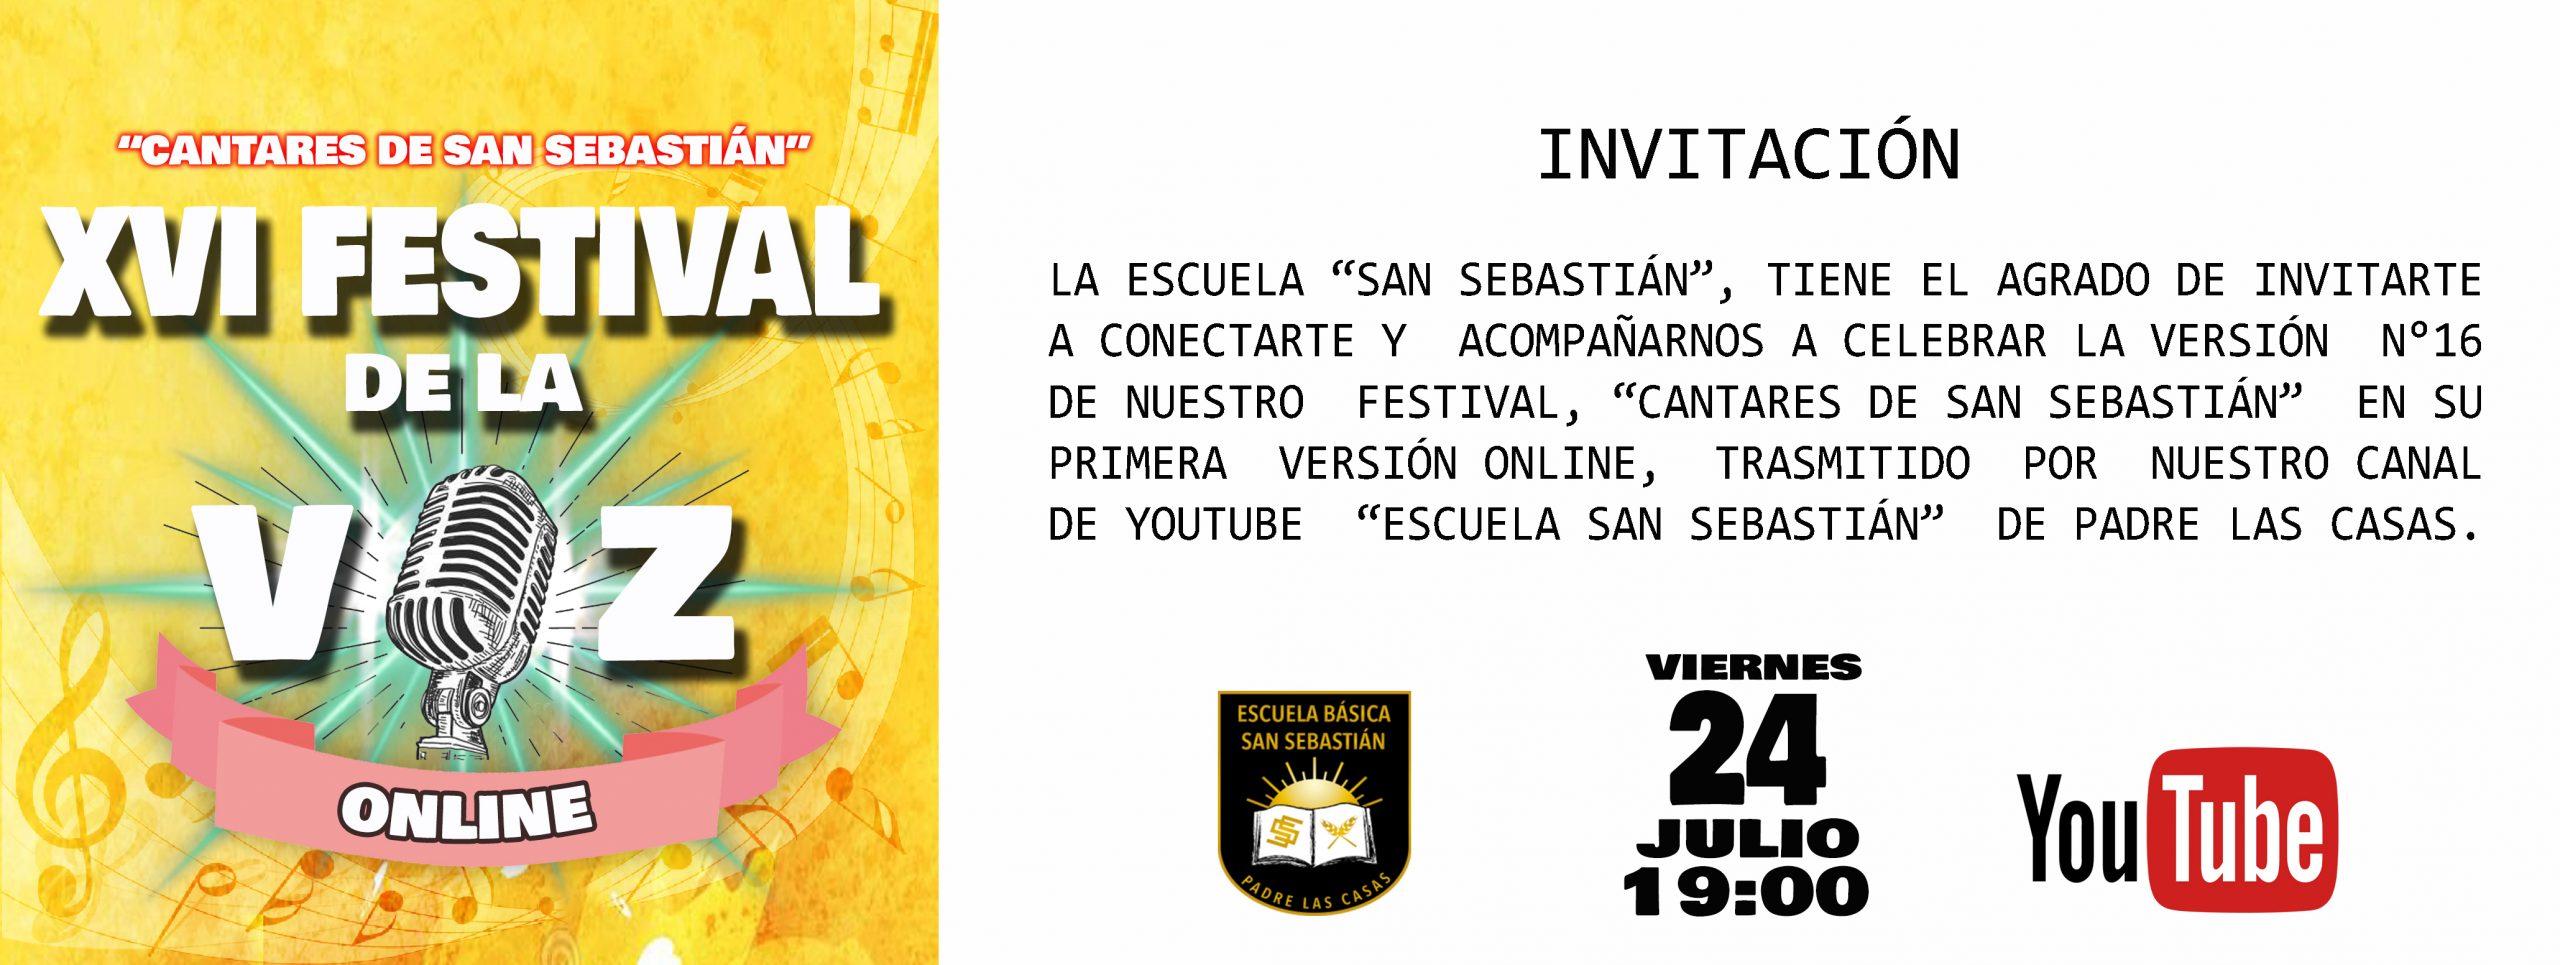 INVITACION FESTIVAL